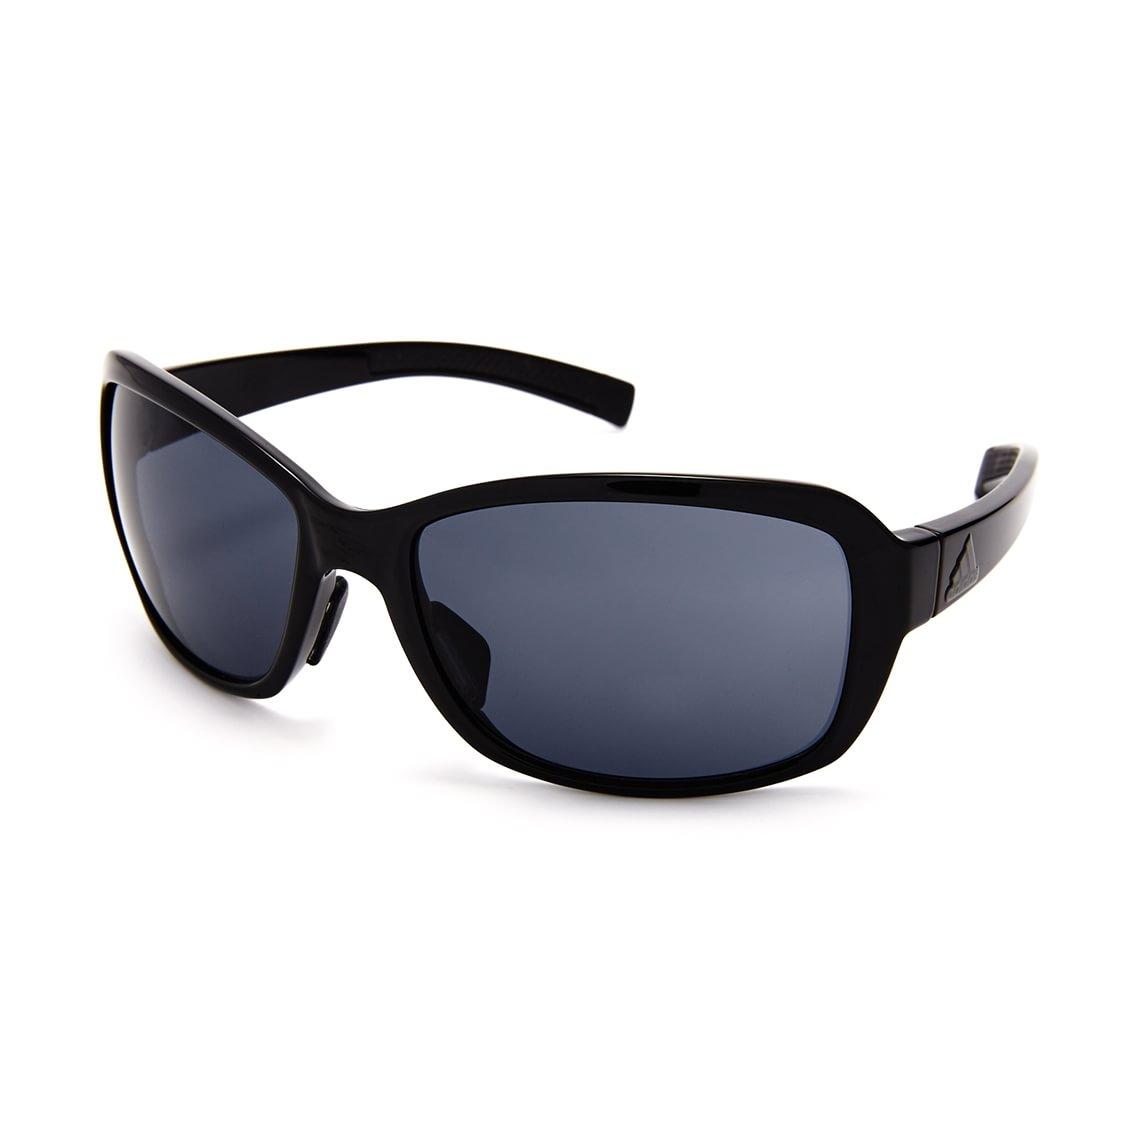 Adidas Baboa  Grey AD21 00 6050